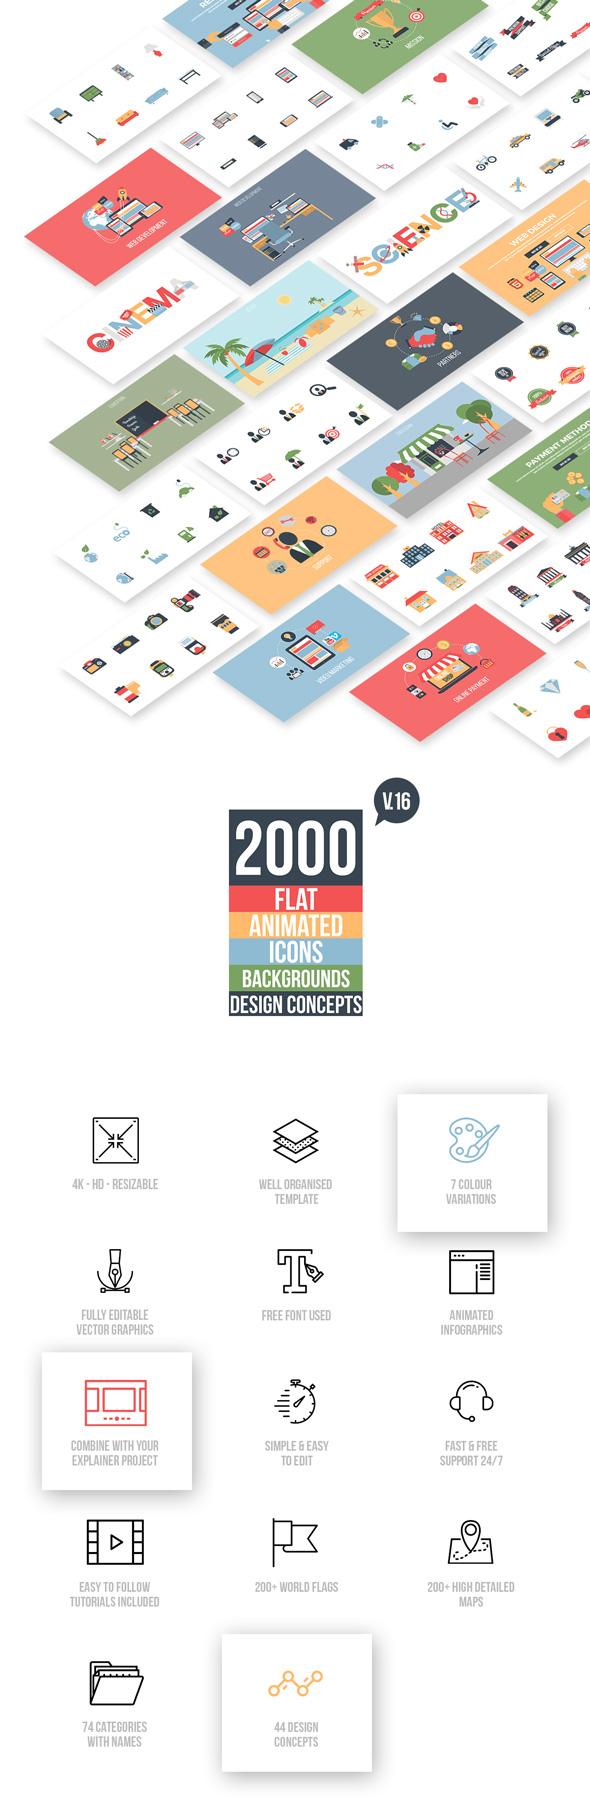 687474703a2f2f7777772e706c61796372656174652e67722f6674702f656e7661746f696d616765732f466c61745f416e696d617465645f49636f6e735f4c6962726172795f324b5f305f353930786c6f6e672e6a7067 - پک ویژه موشن گرافیک با بیش از 2000 آیکون متحرک فلت |Flat Animated Icons Library V.16